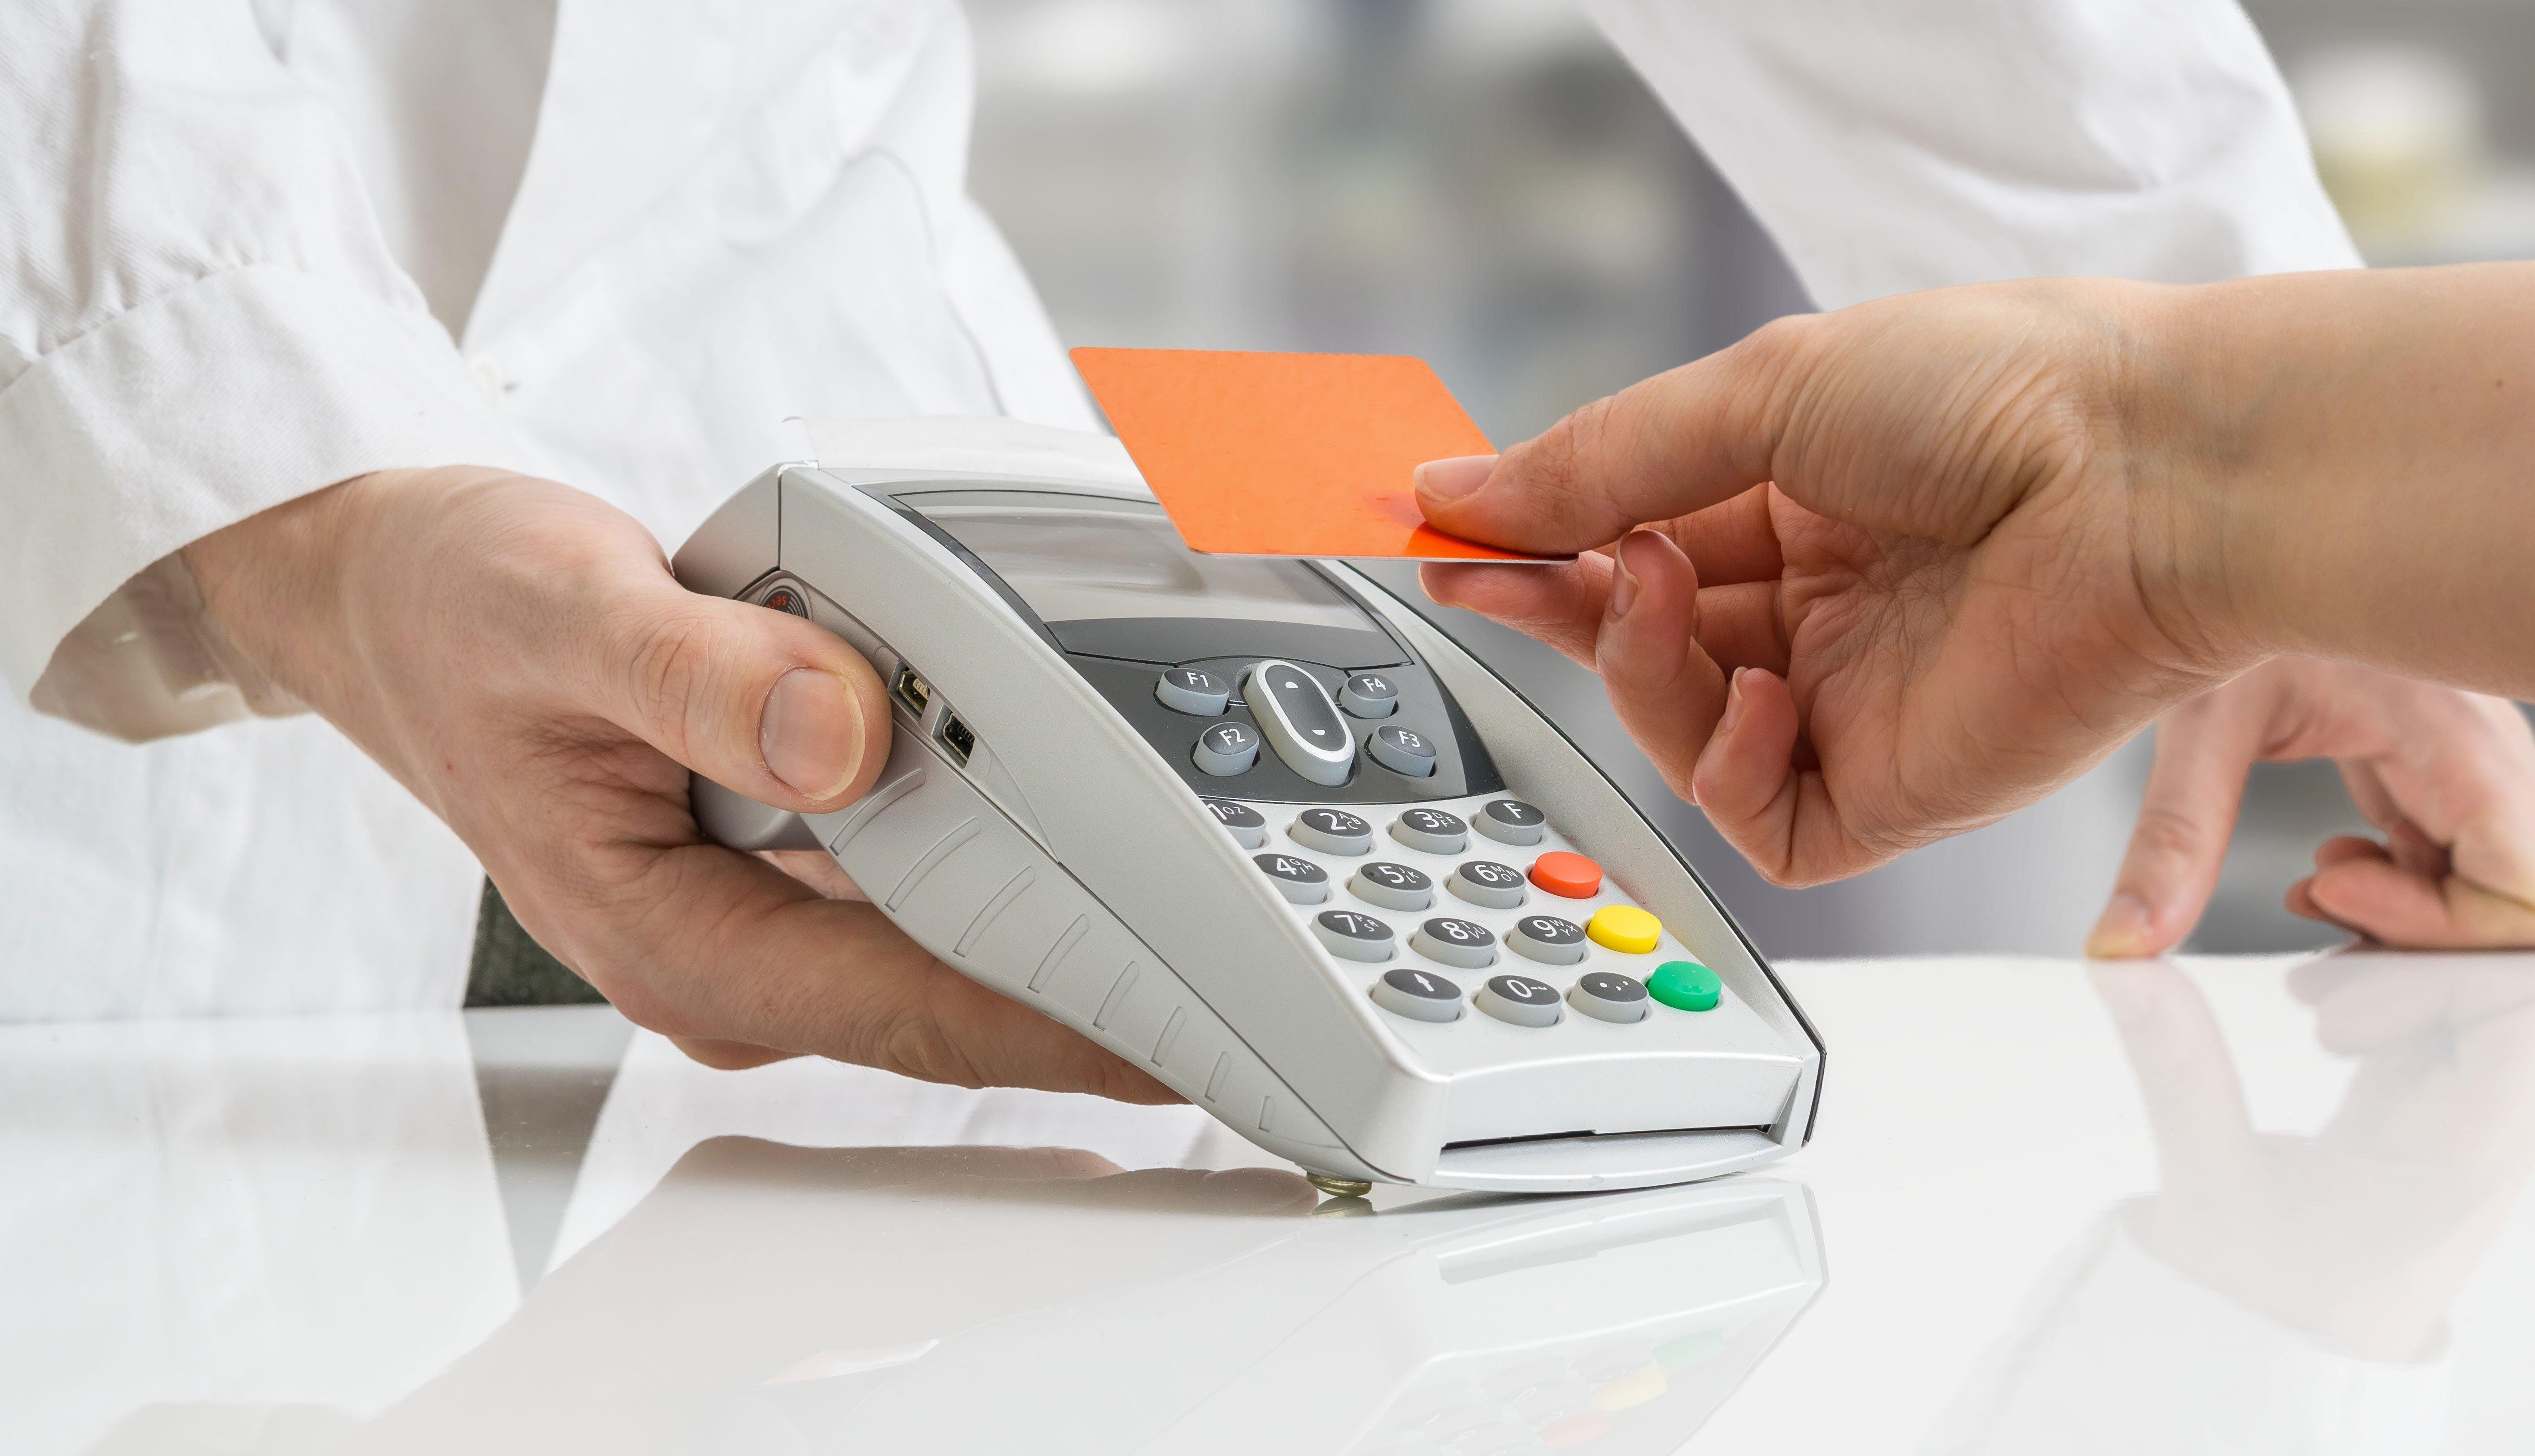 Cliente pagango con una tarjeta de descuentos